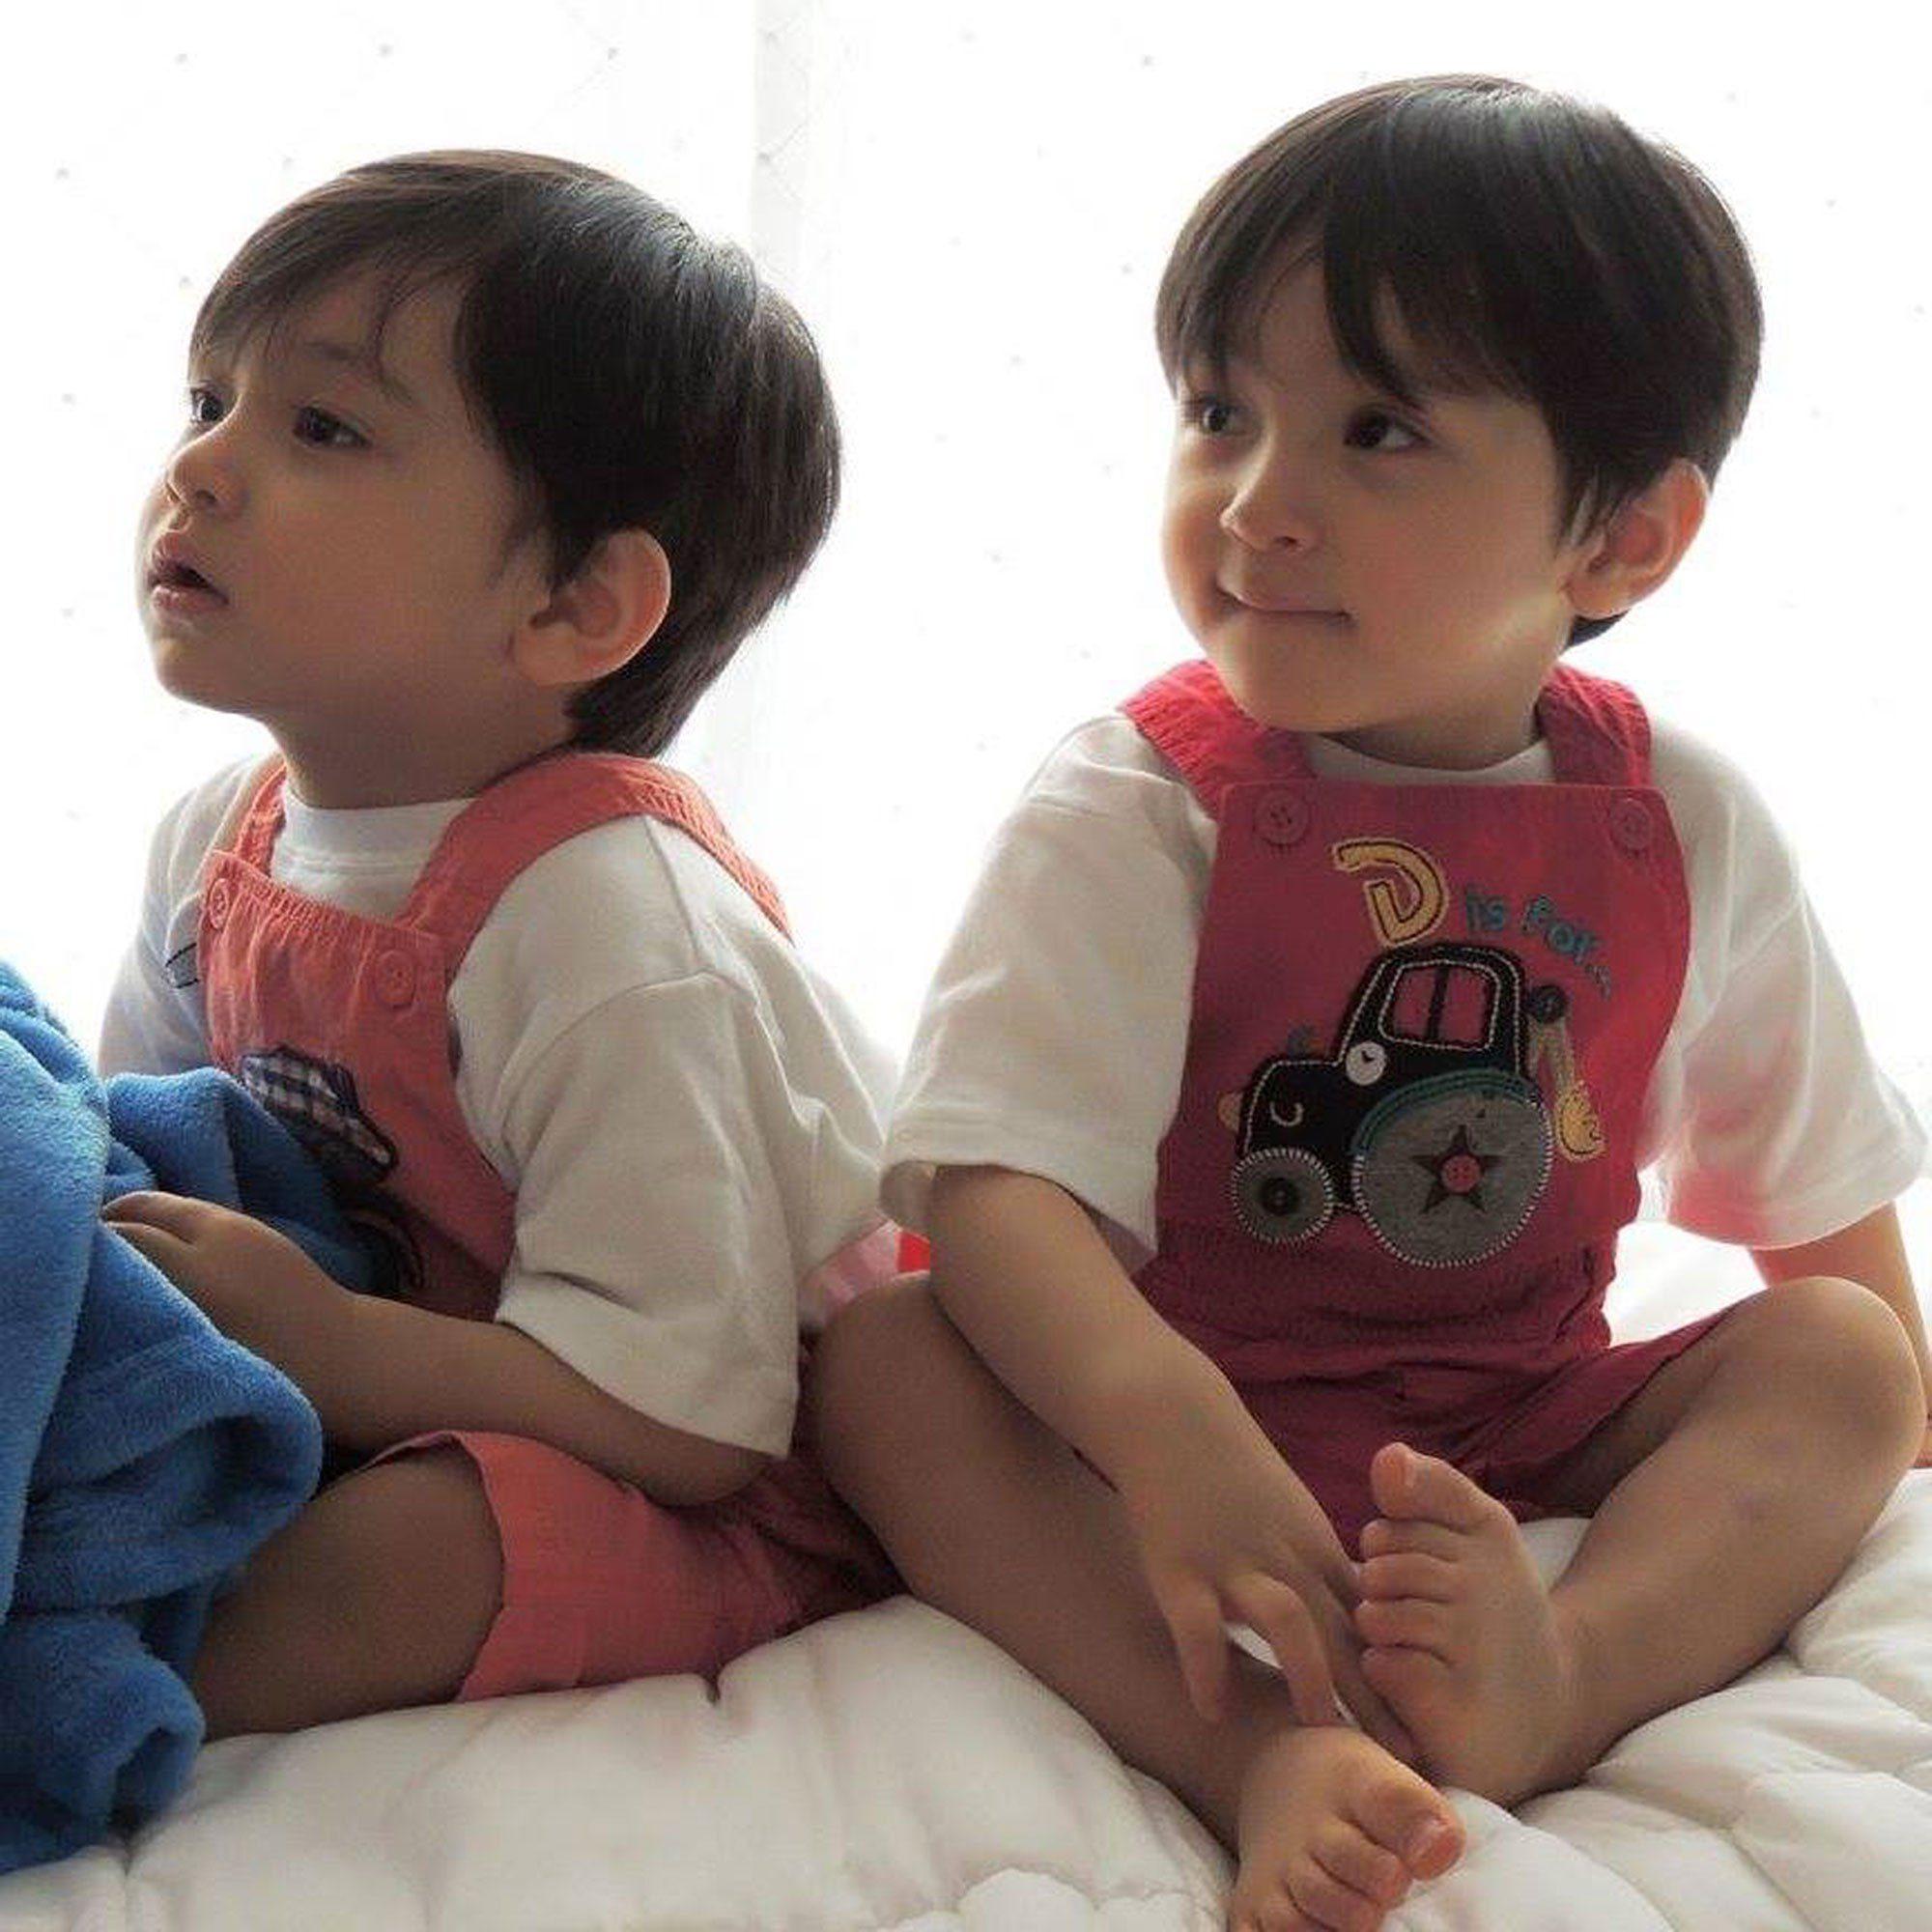 Usa gemellini di 3 anni cadono in piscina e annegano - Bambini in piscina a 3 anni ...